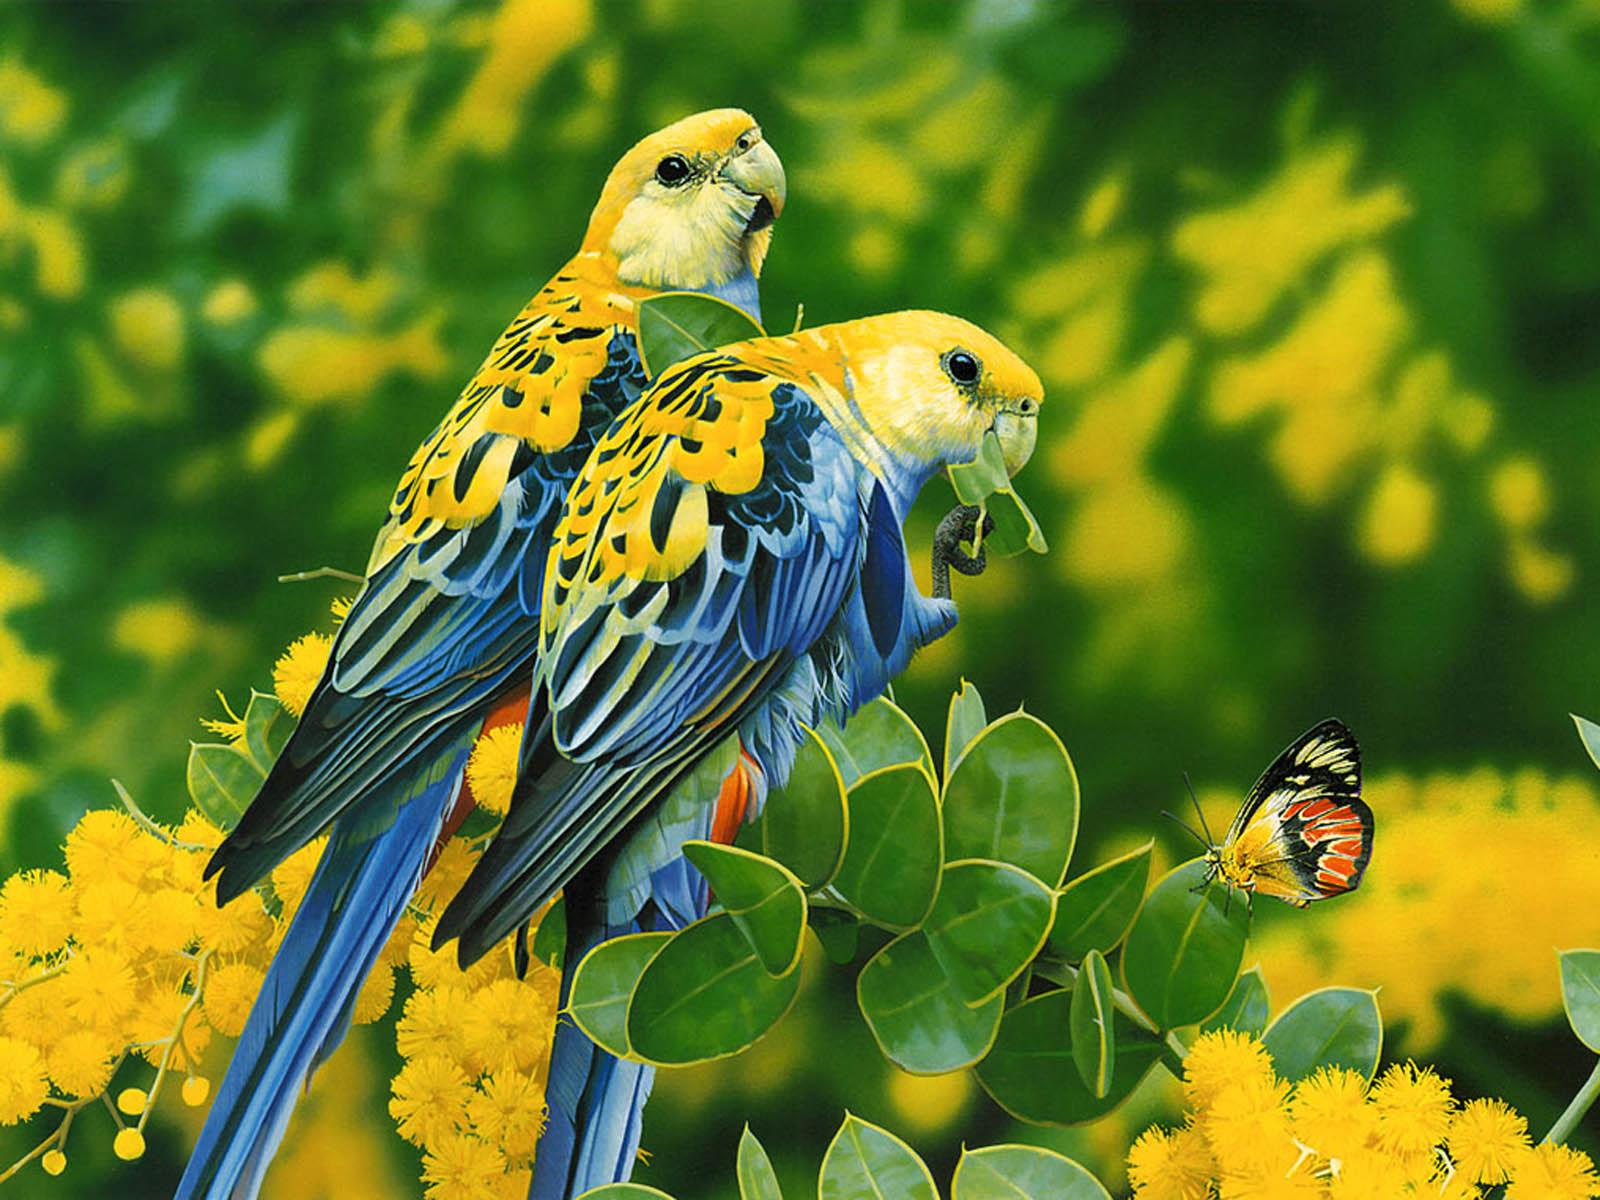 wallpapers Love Birds Desktop Wallpapers 1600x1200